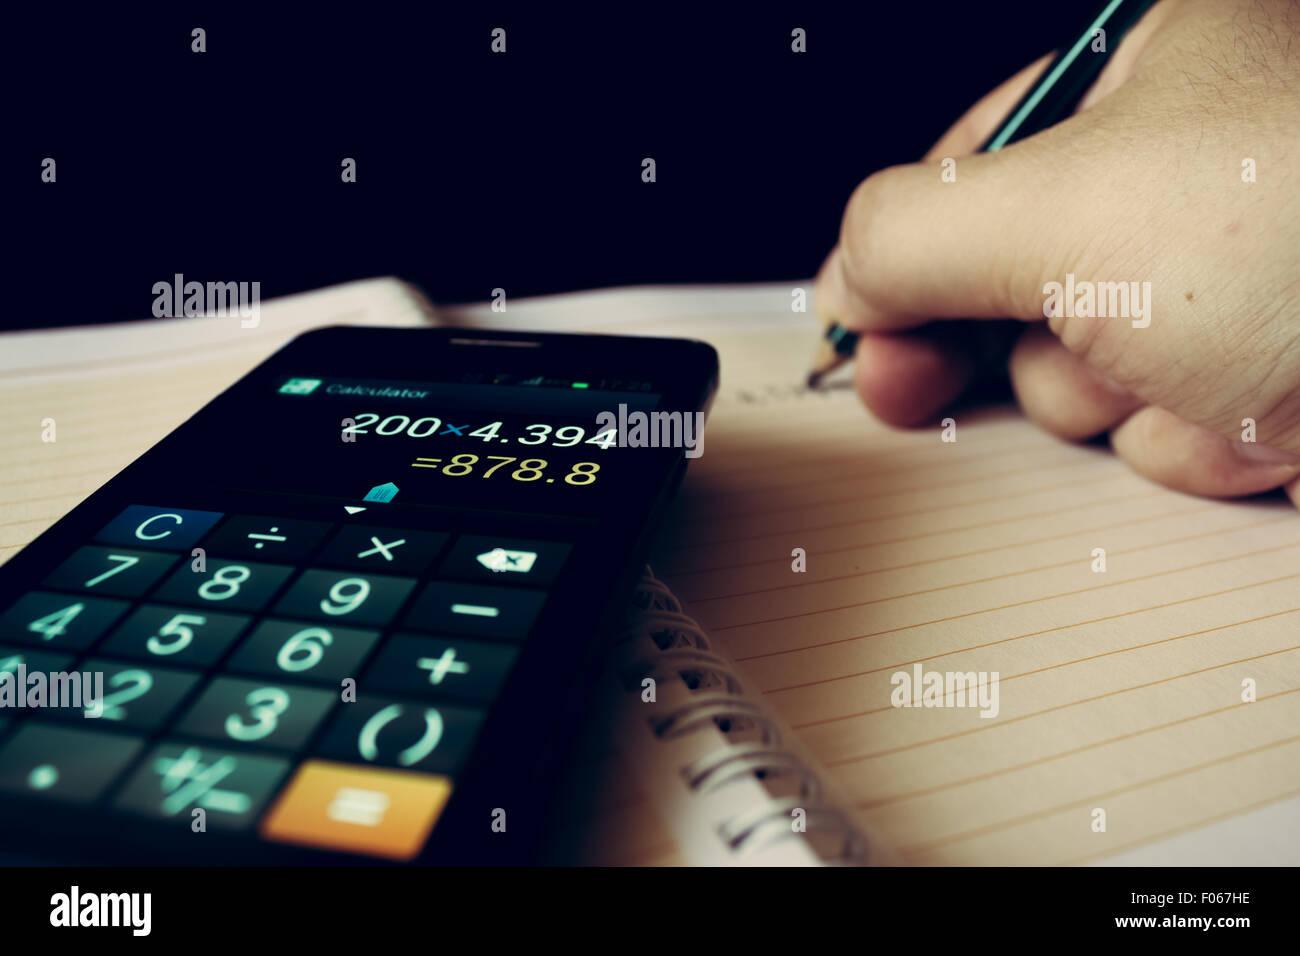 A close-up shot representing economics - Stock Image